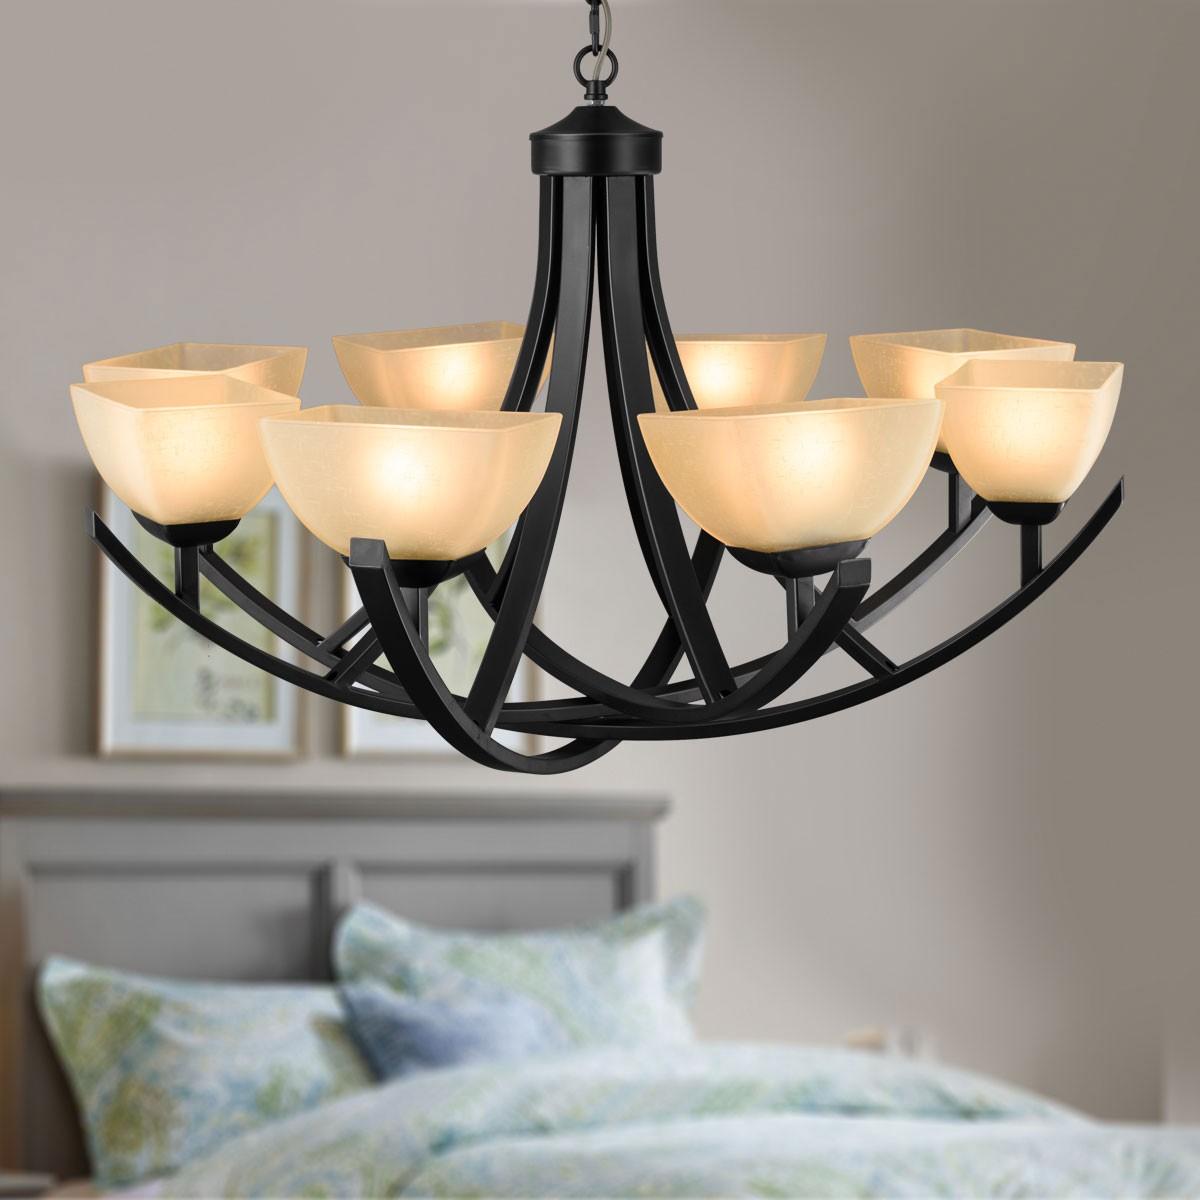 lustre en fer forg avec abat jour en verre 8 ampoules noir dk 8016 8 decoraport canada. Black Bedroom Furniture Sets. Home Design Ideas